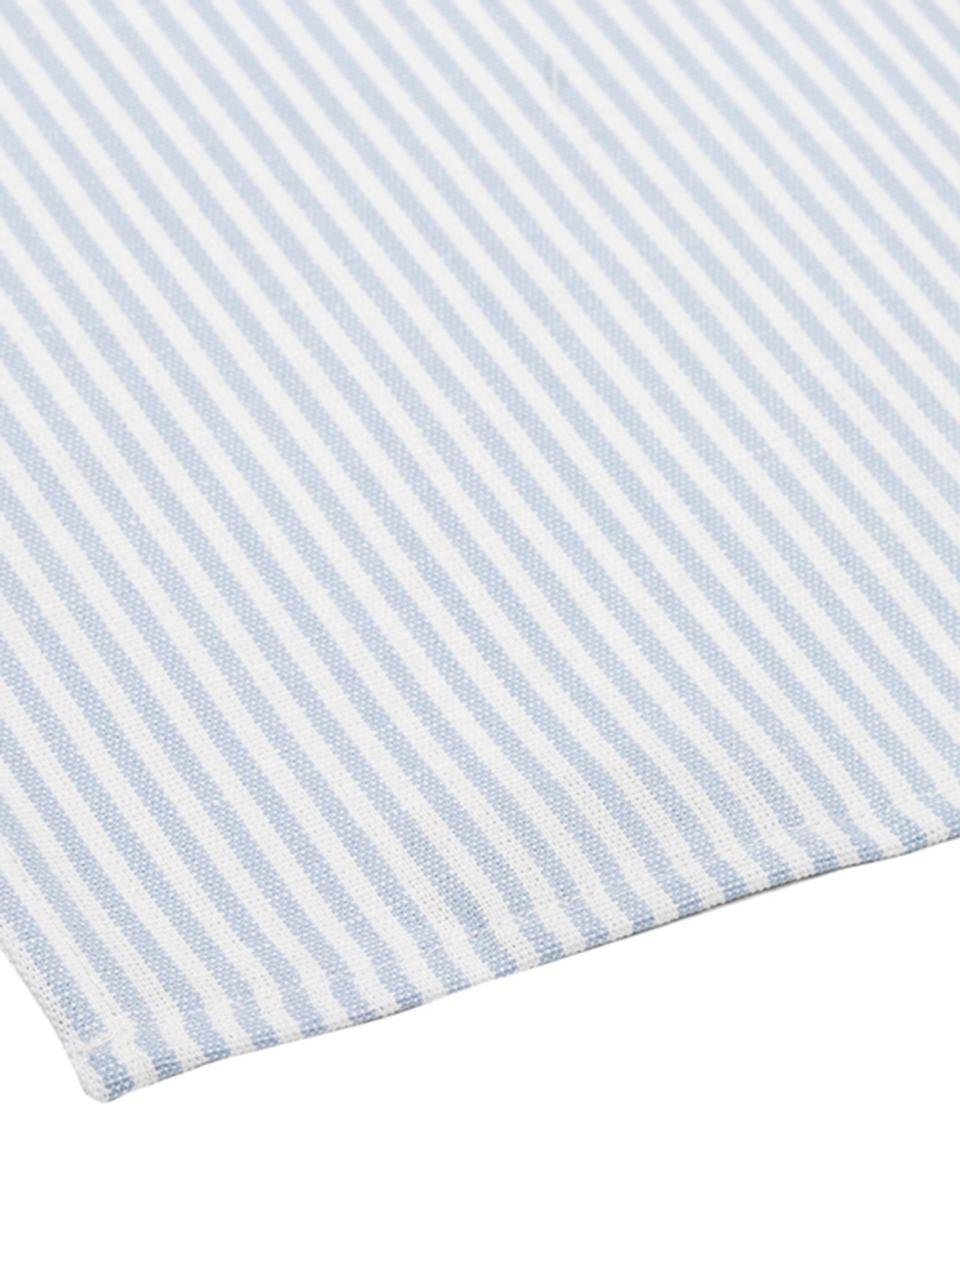 Serwetka Streifen, 6 szt., Biały, jasny niebieski, S 45 x D 45 cm